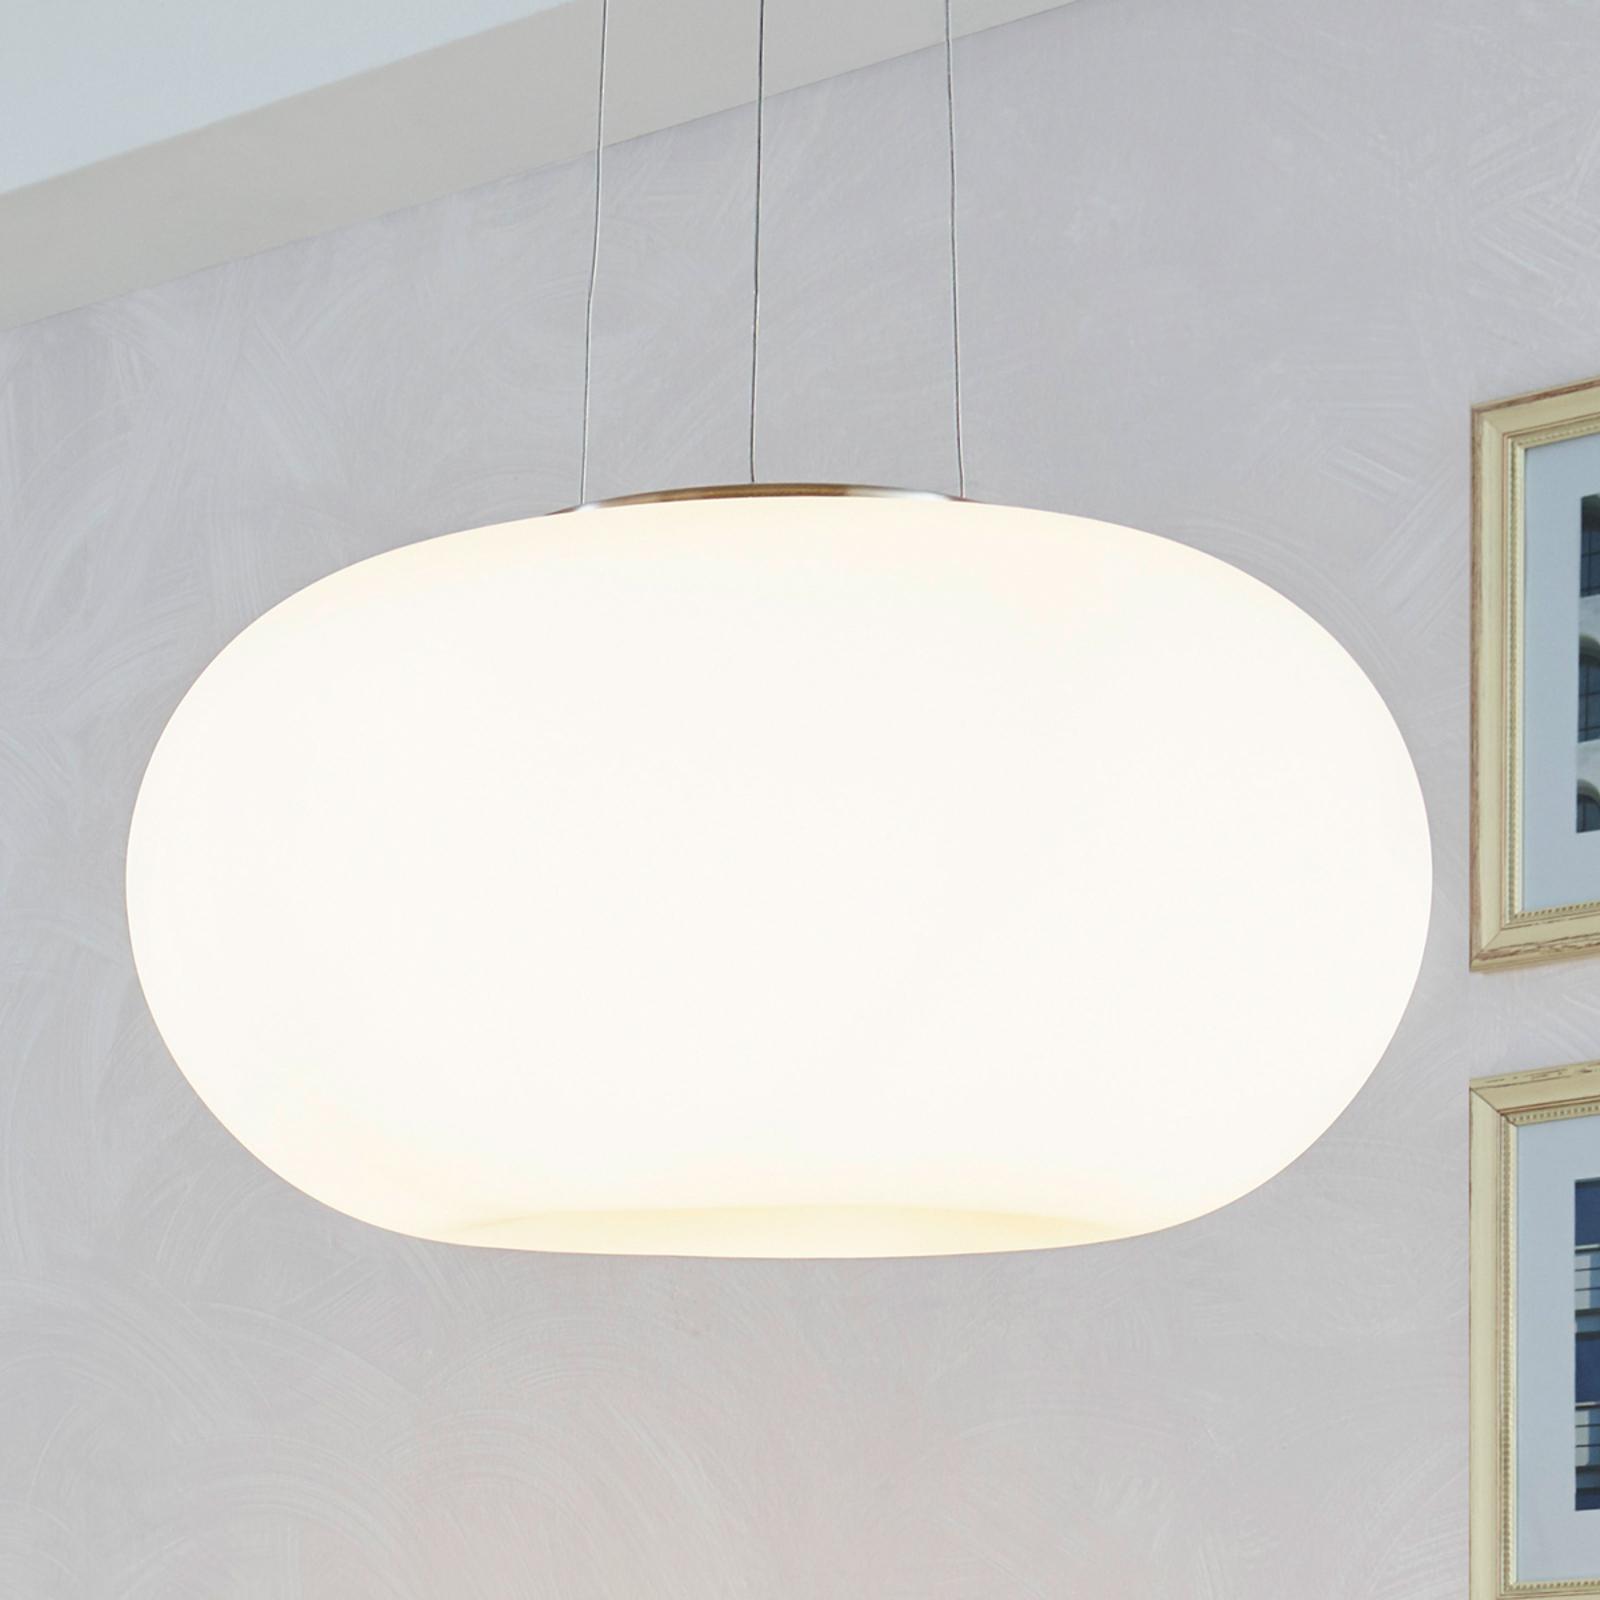 Moderna lámpara colgante Optica de 35 cm